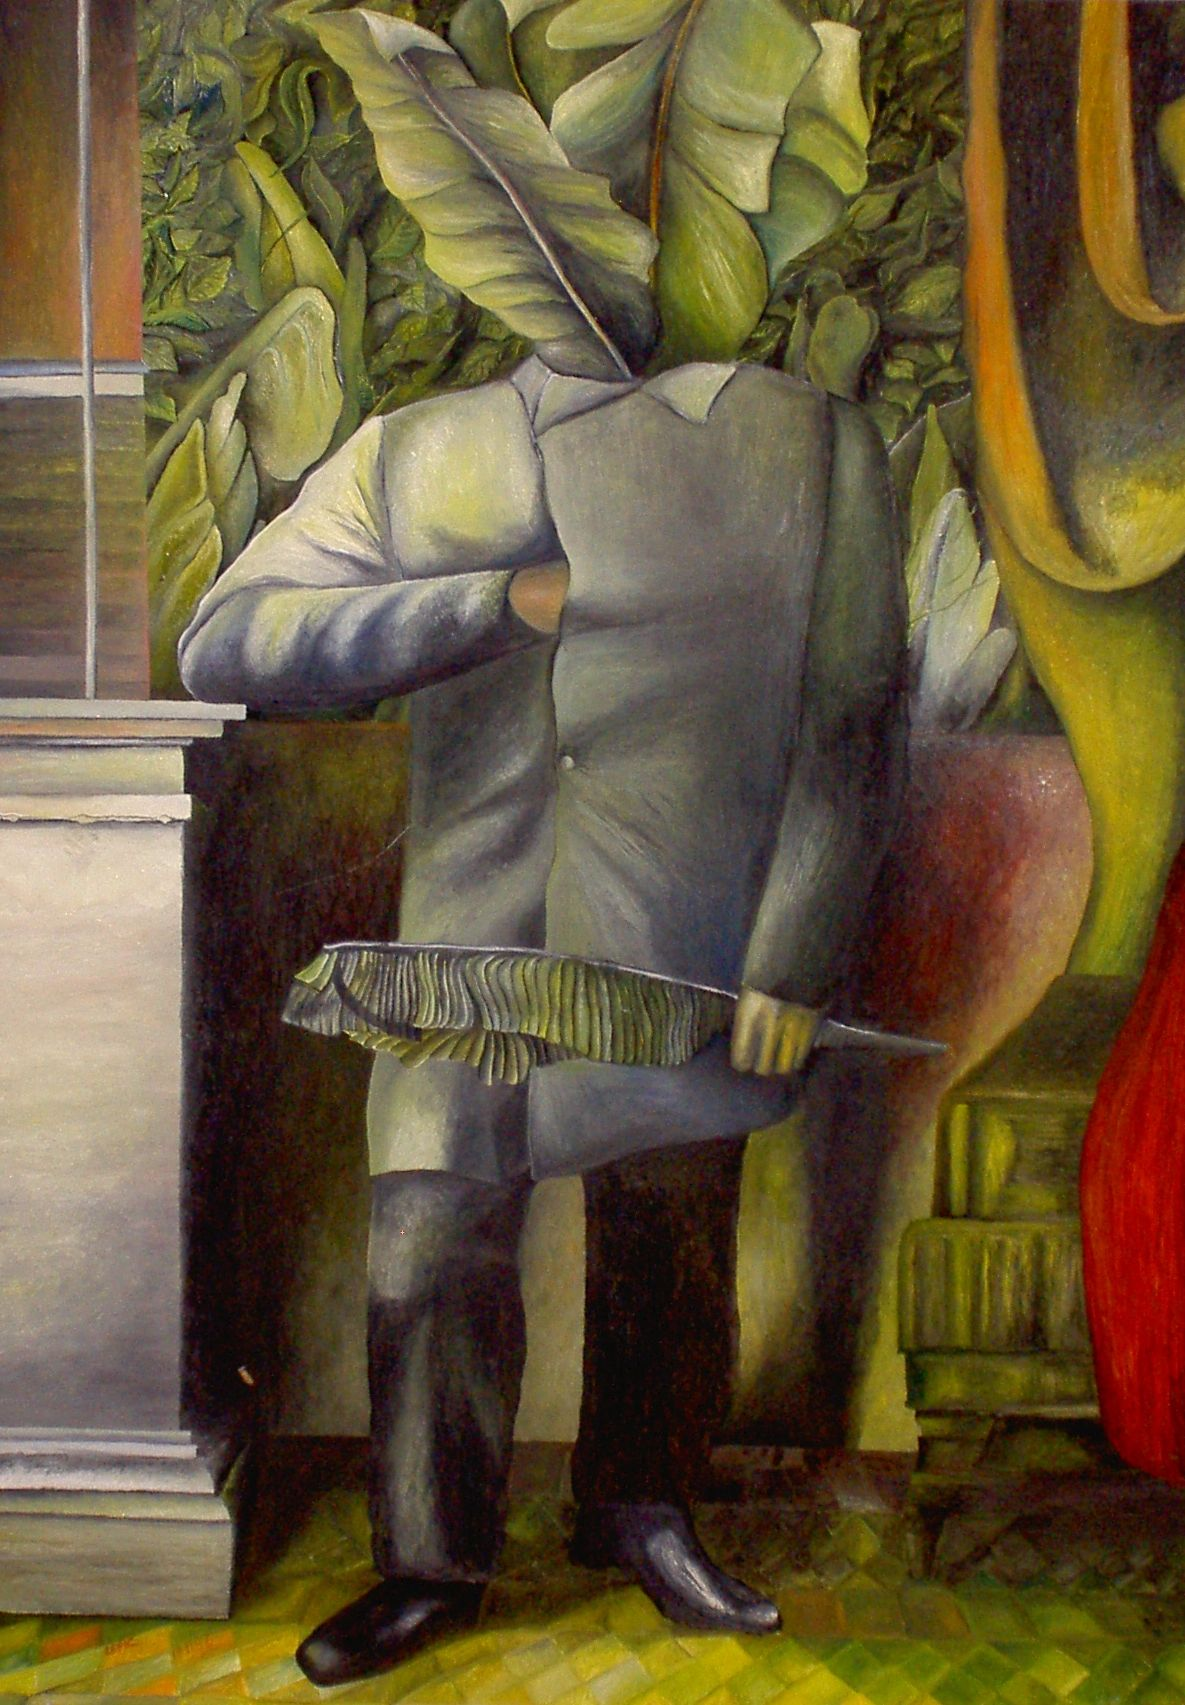 LAGO MAGGIORE: HOMME VEGETAL     Öl auf Spanplatte - 70 x 50 cm